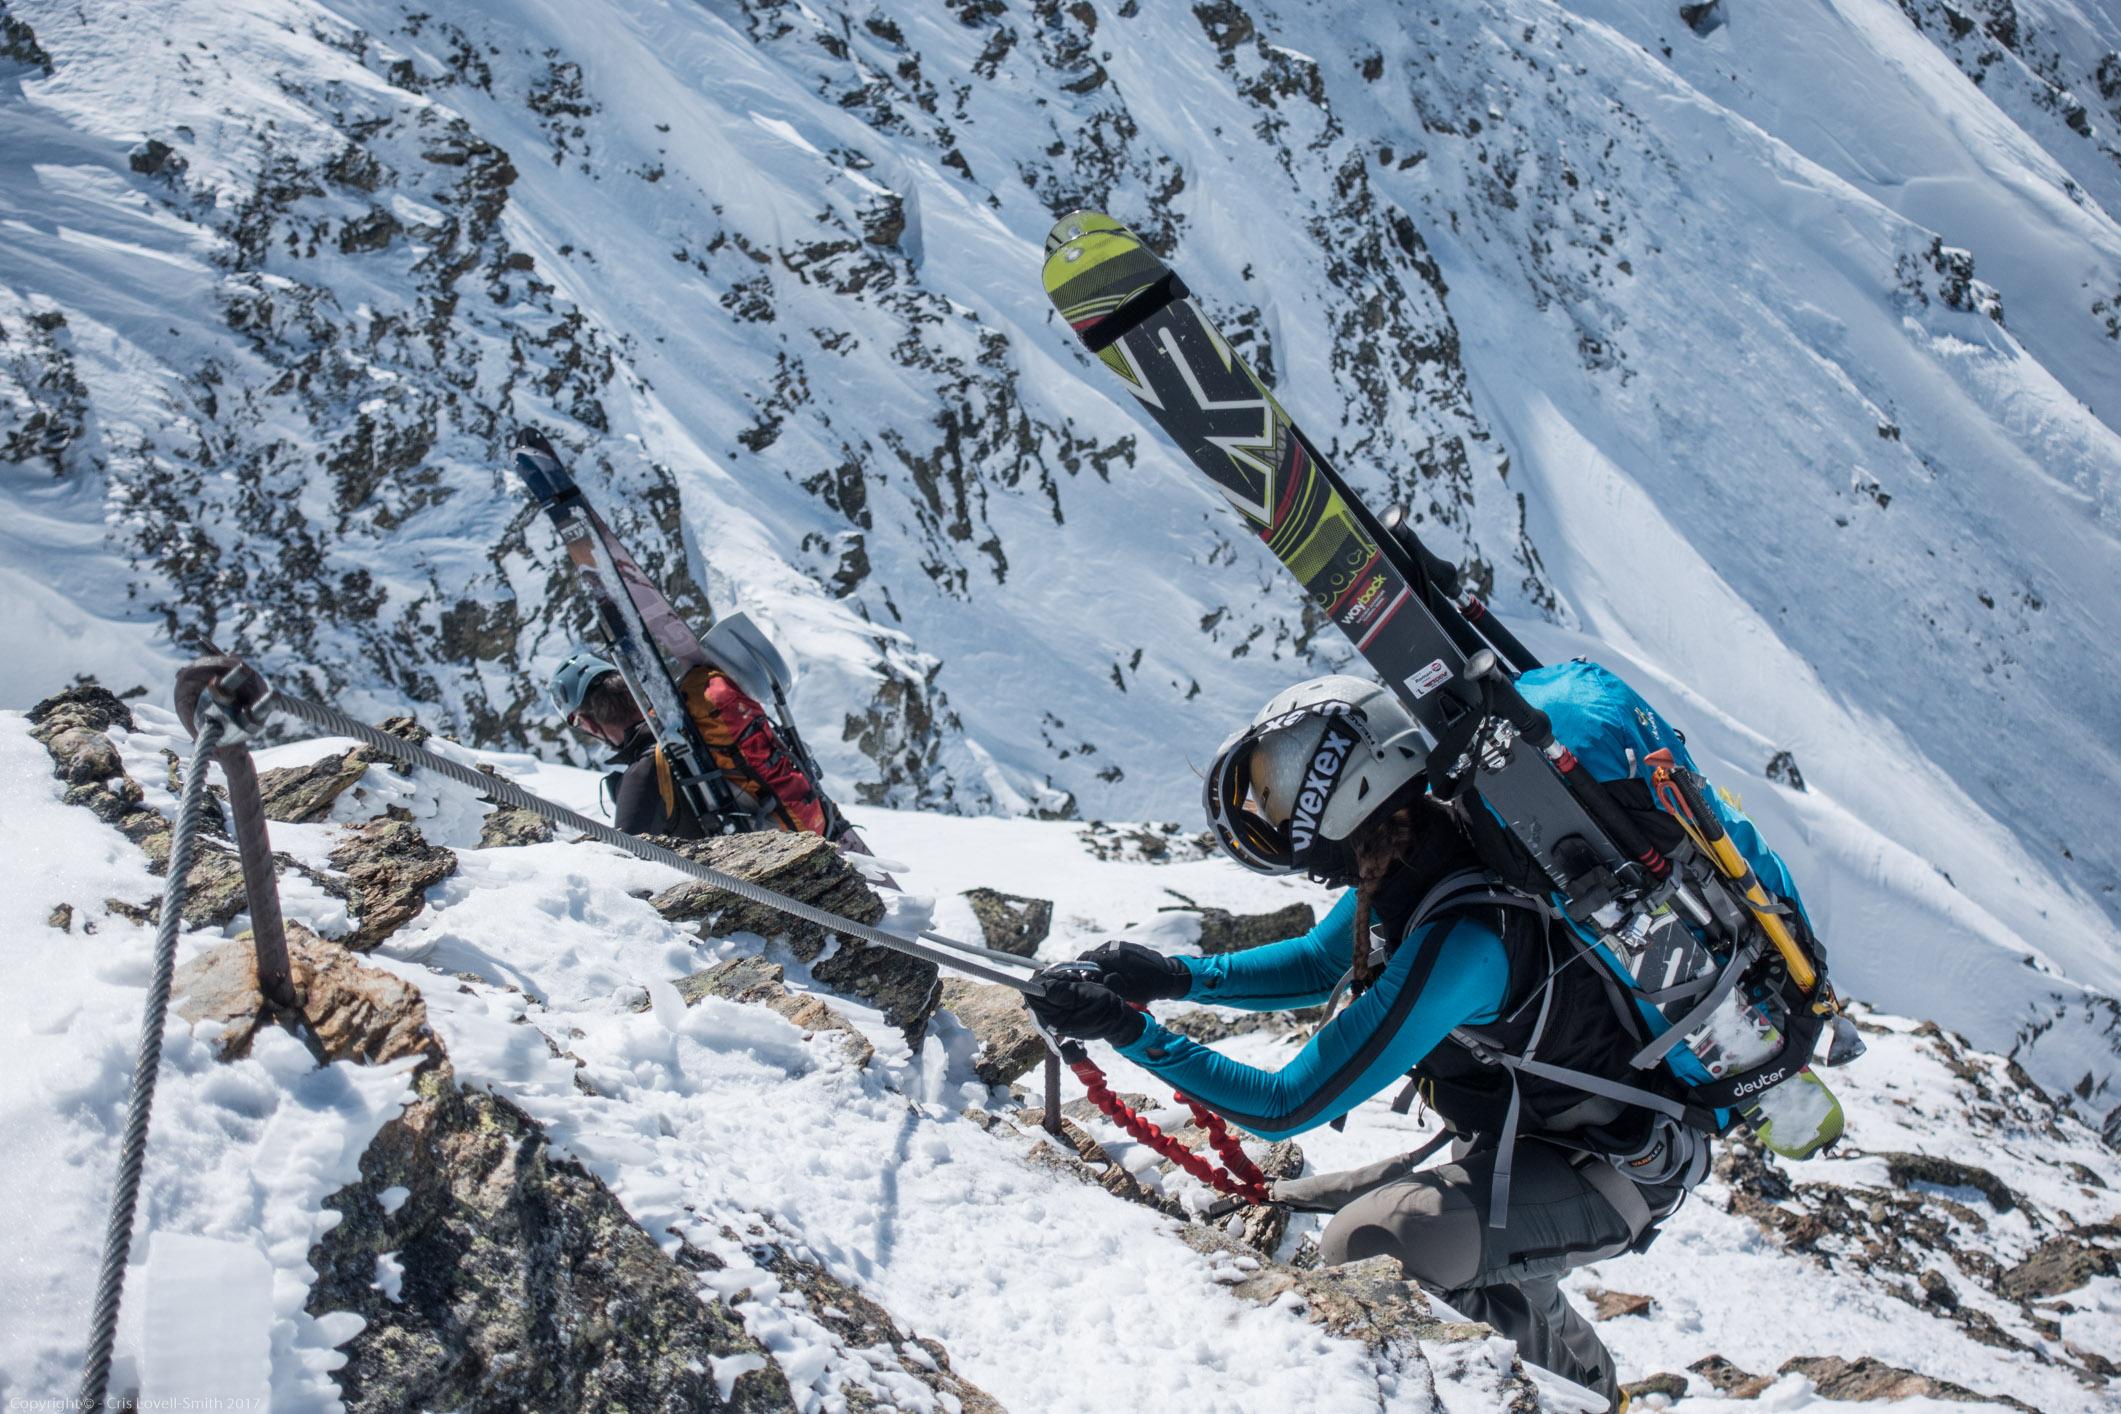 Climbing down (Arlberger Winterklettersteig March 2017)